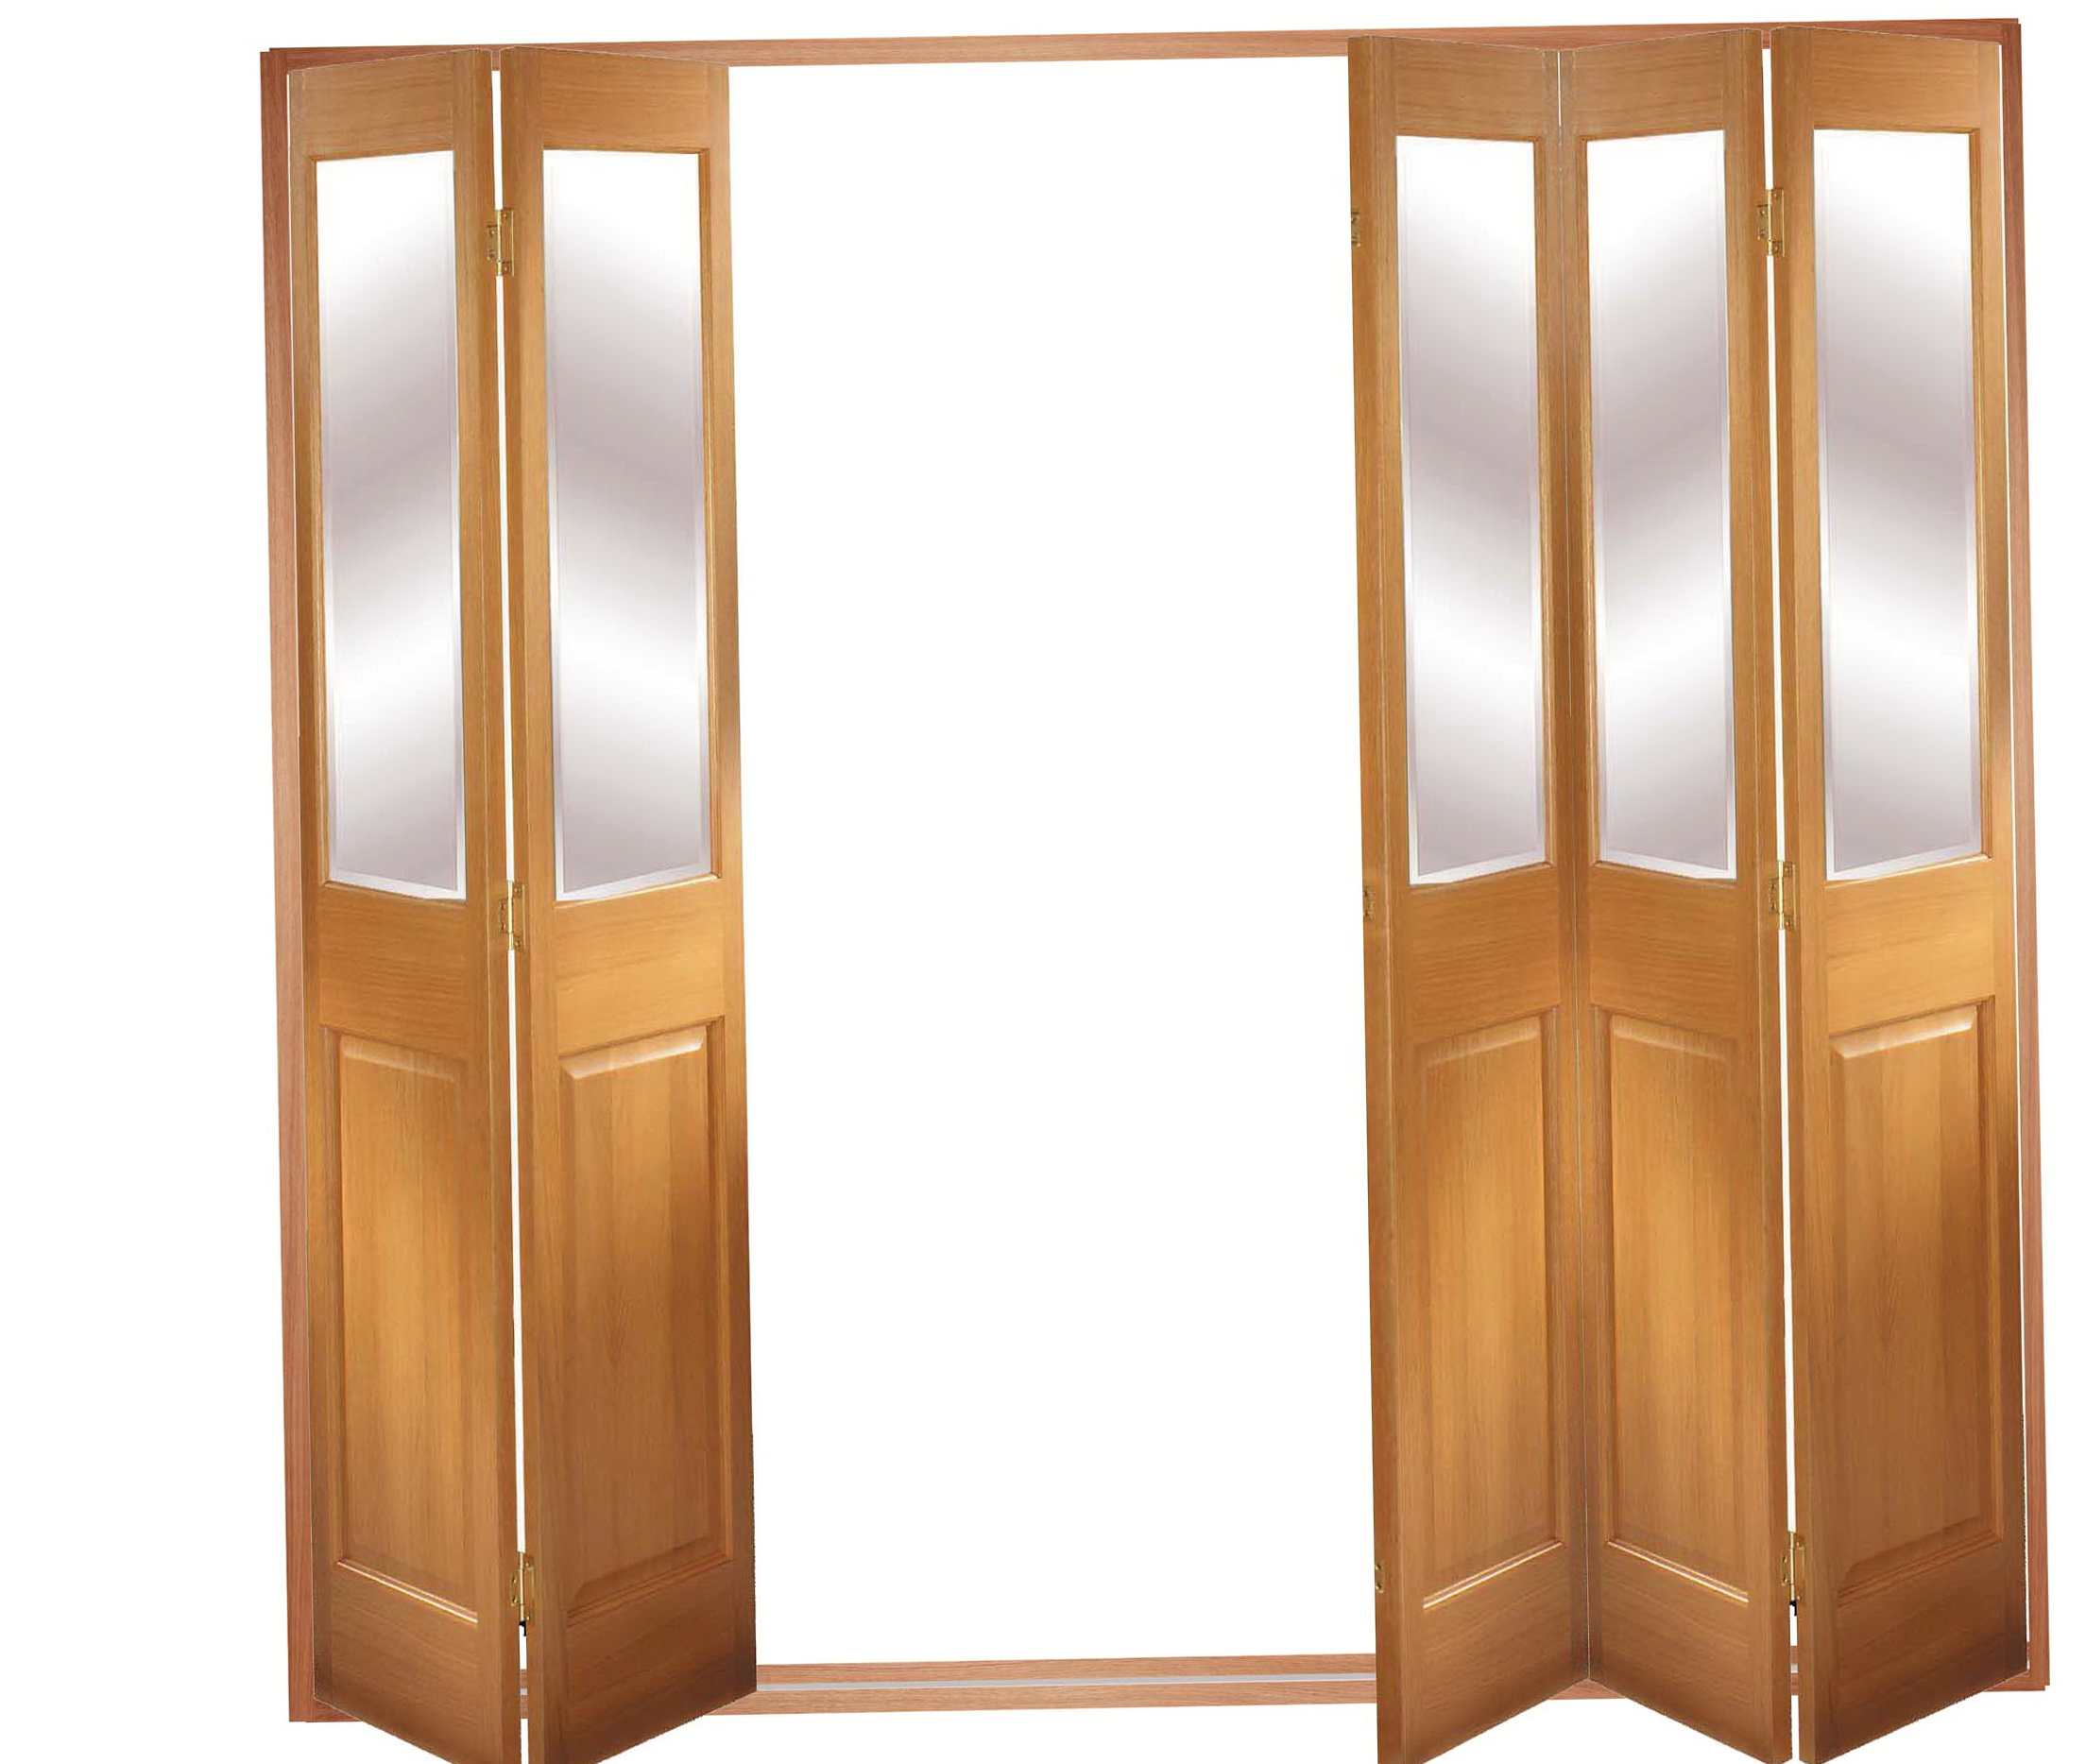 Sliding Folding Closet Doors